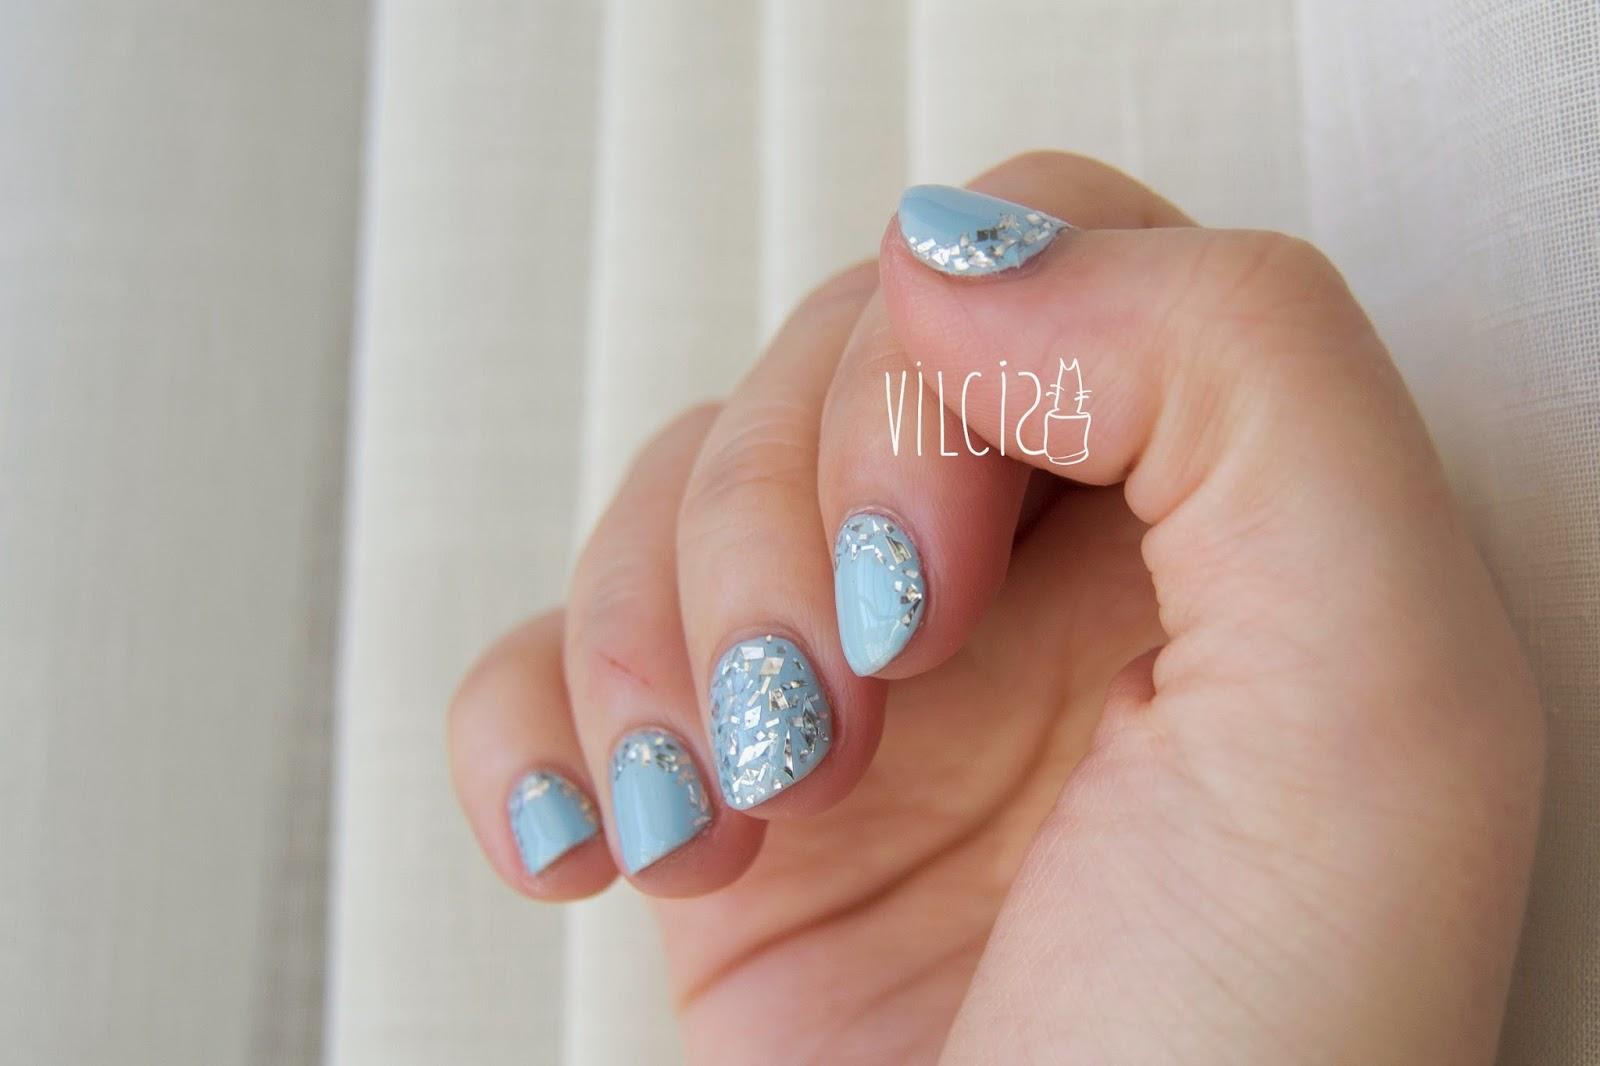 Diseño fácil para uñas cortas con papel de aluminio de cocina vilcis